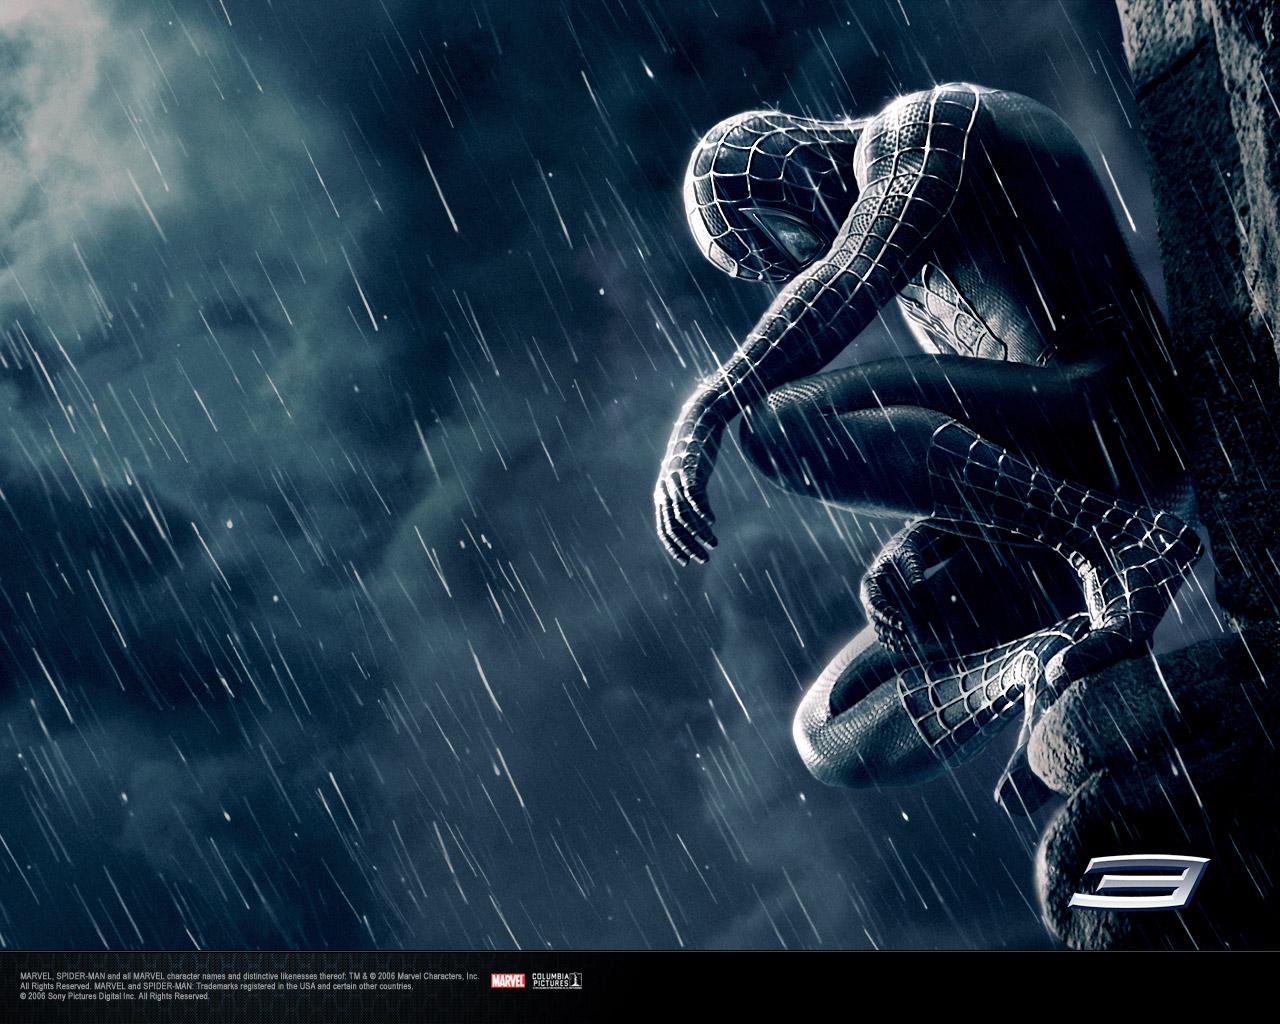 http://4.bp.blogspot.com/-nSnRwDZSGIQ/TZa1000_fUI/AAAAAAAABfU/vIiN7HenUkU/s1600/Spiderman3_in_black.jpg